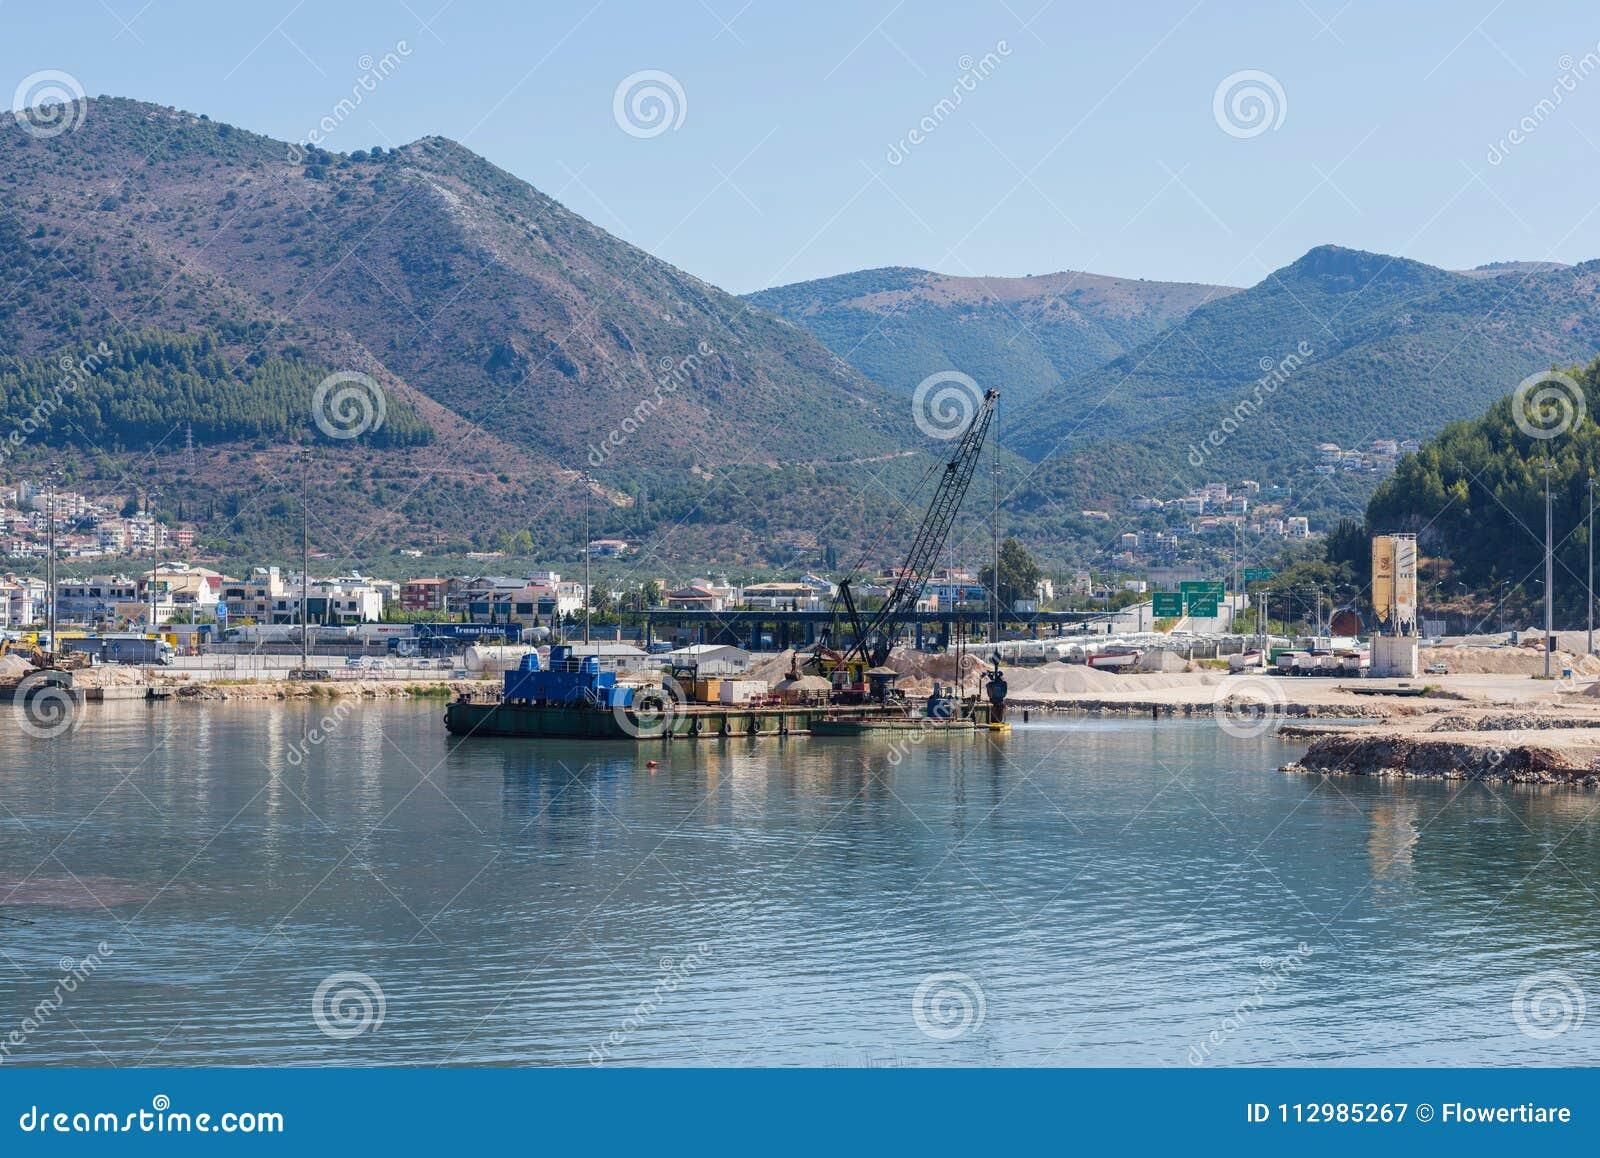 Dredge ship on the sea on the Igoumenitsa port in the Greece. Thesprotia.